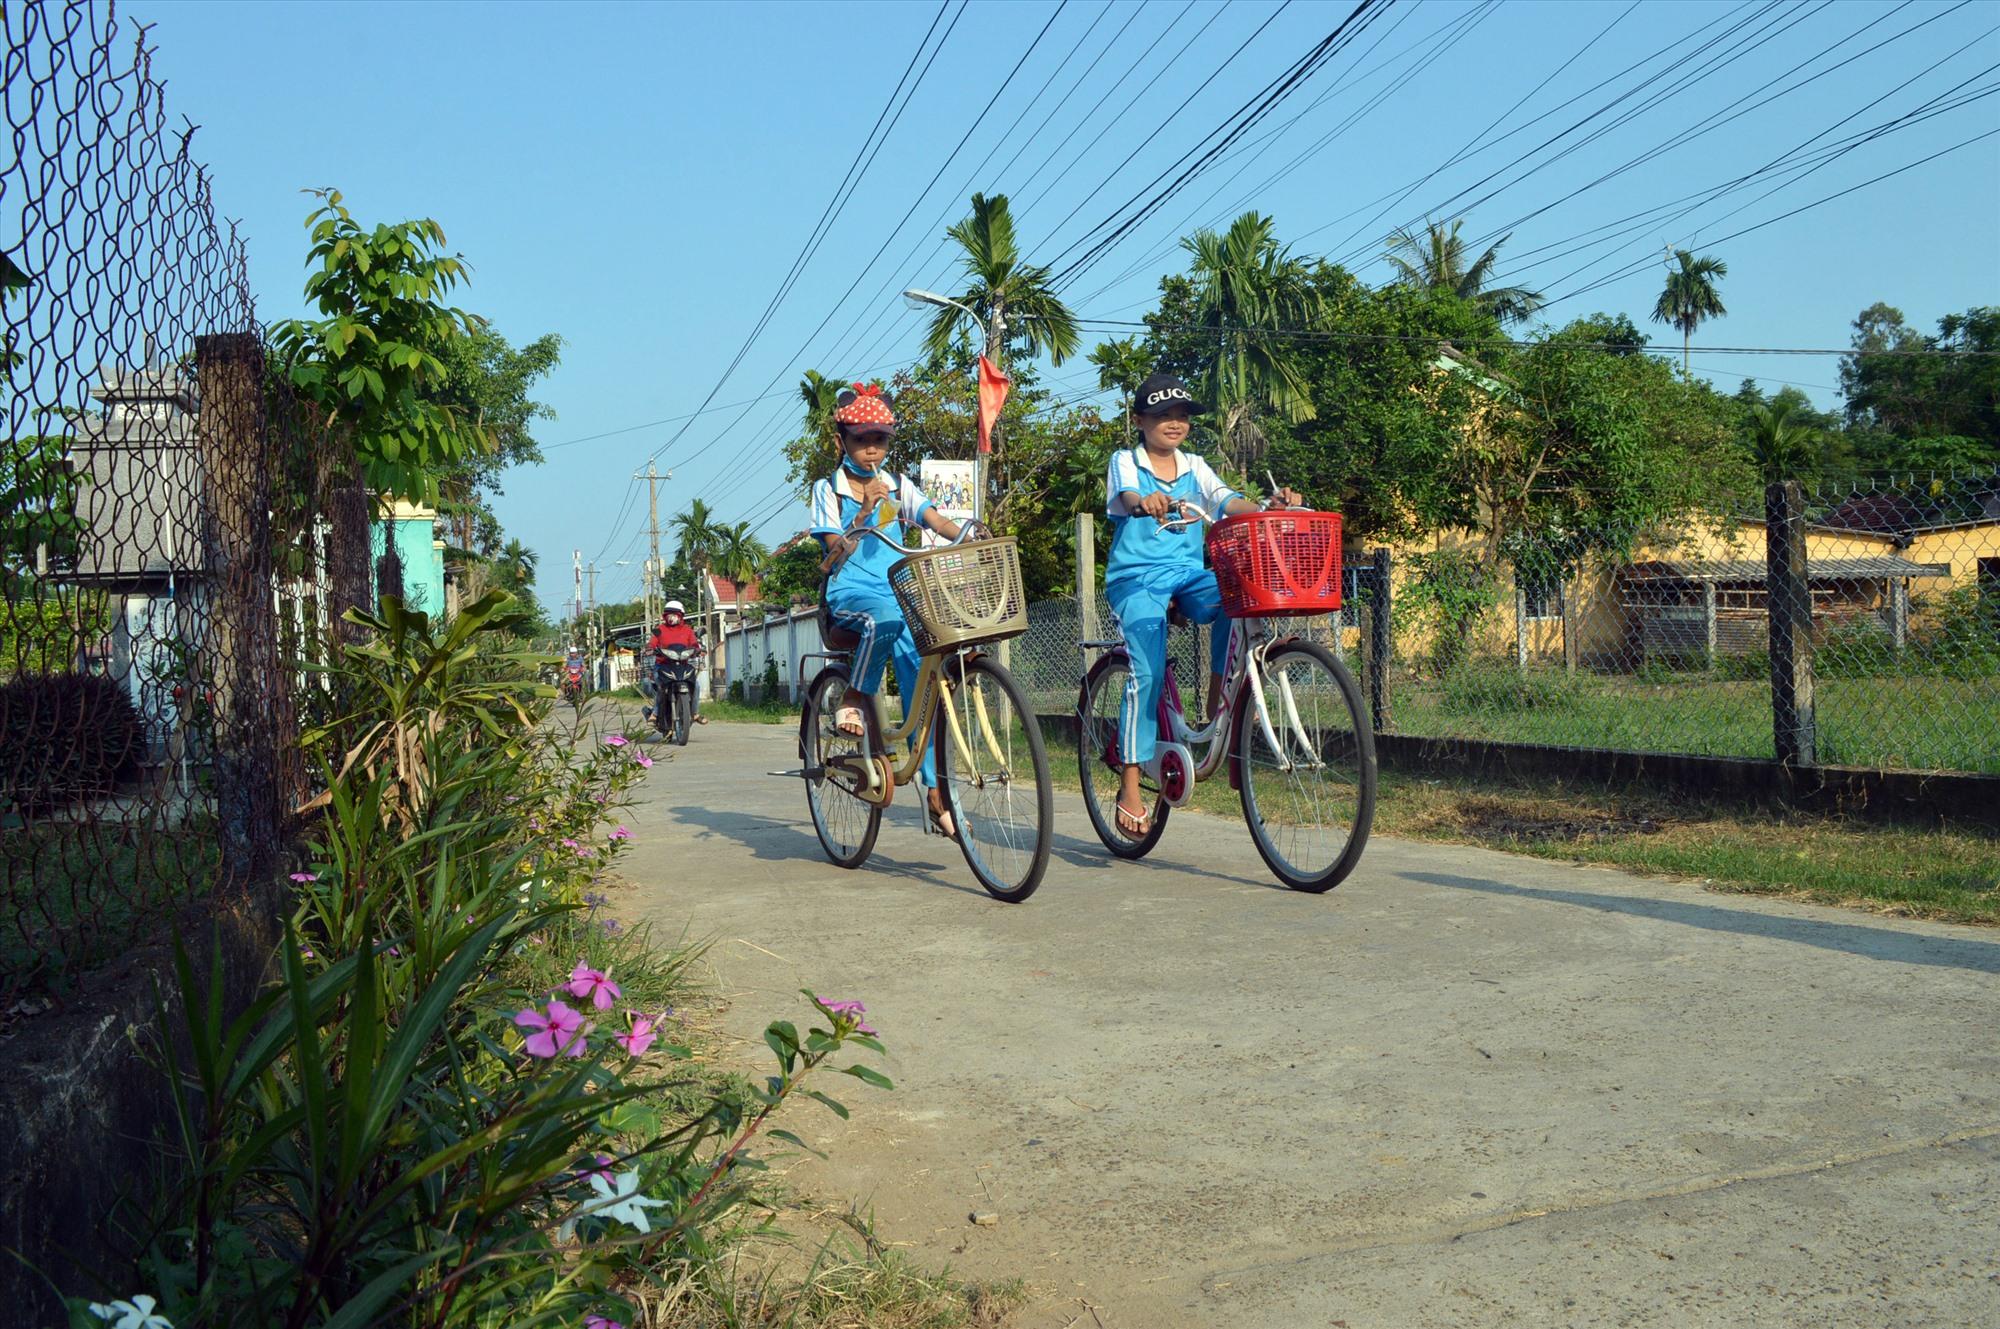 Từ các nội dung sinh hoạt chuyên đề của chi bộ đảng góp phần thuận lợi trong xây dựng nông thôn mới tại Điện Bàn. Ảnh: V.LỘC